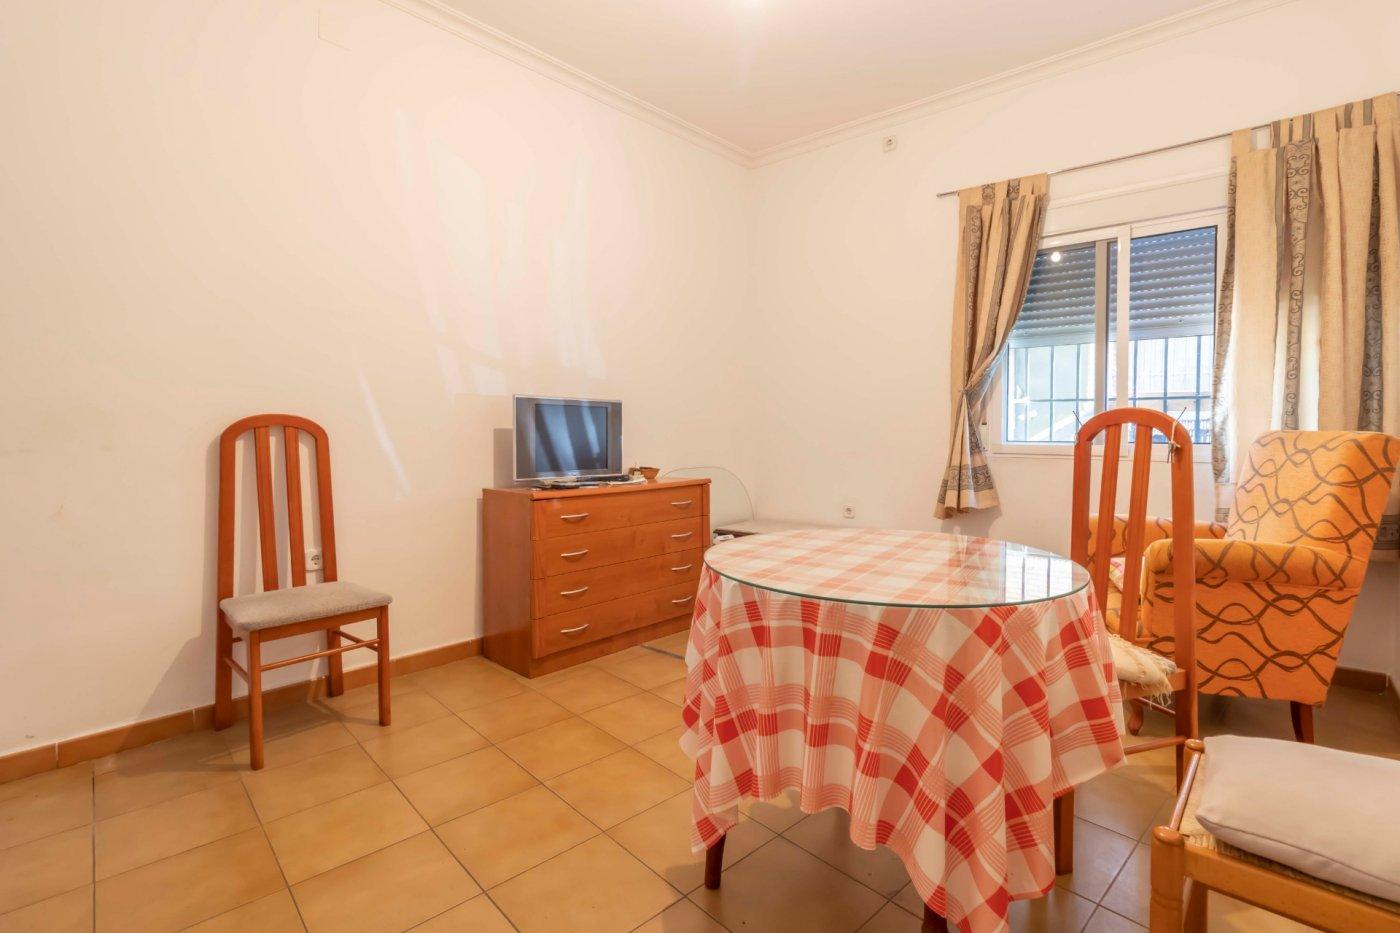 2 pisos a la venta por el precio de uno en zona padre pÍo - imagenInmueble3